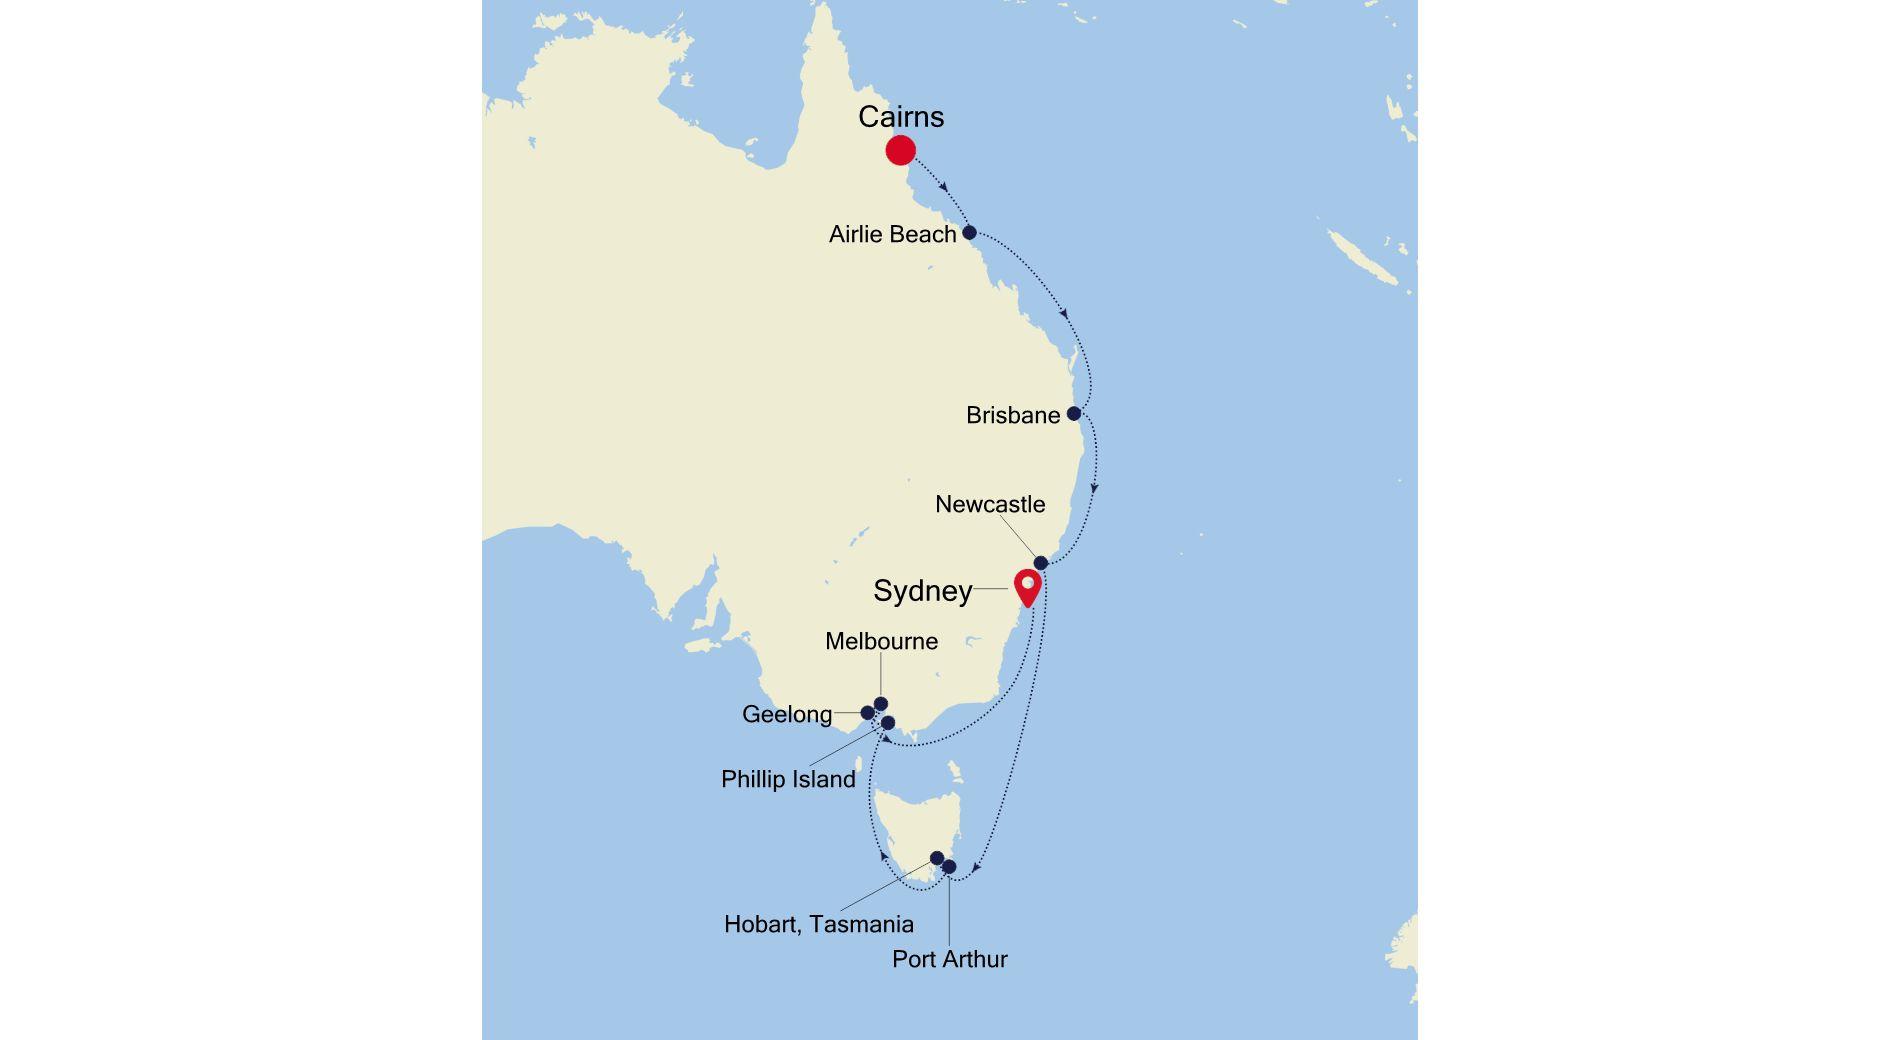 SS220119015 - Cairns a Sydney